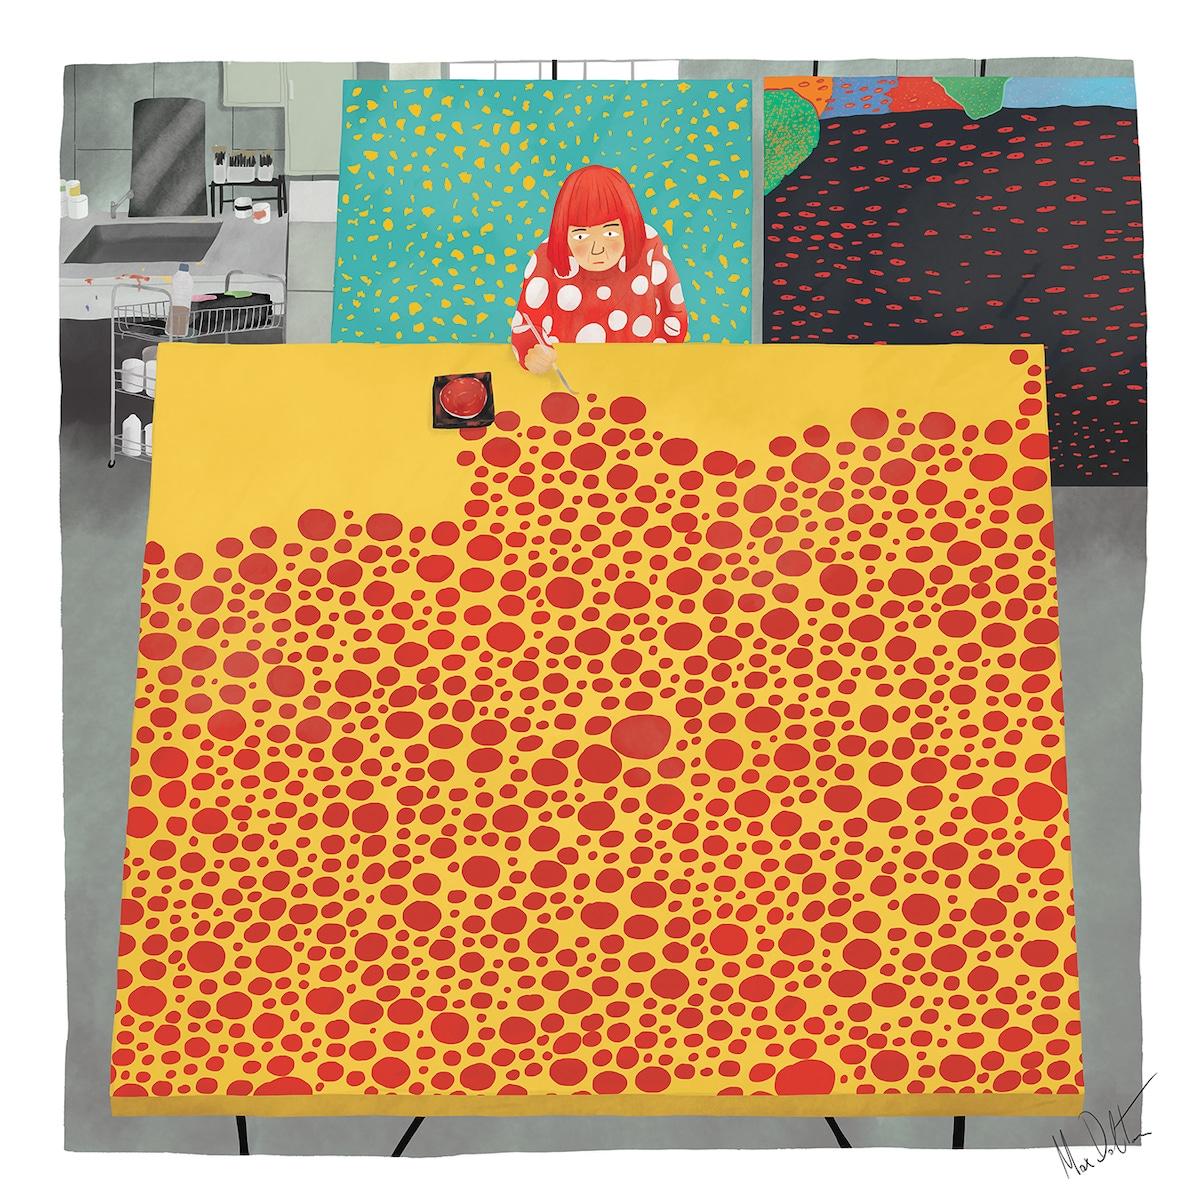 Painting of Yayoi Kusama in Studio